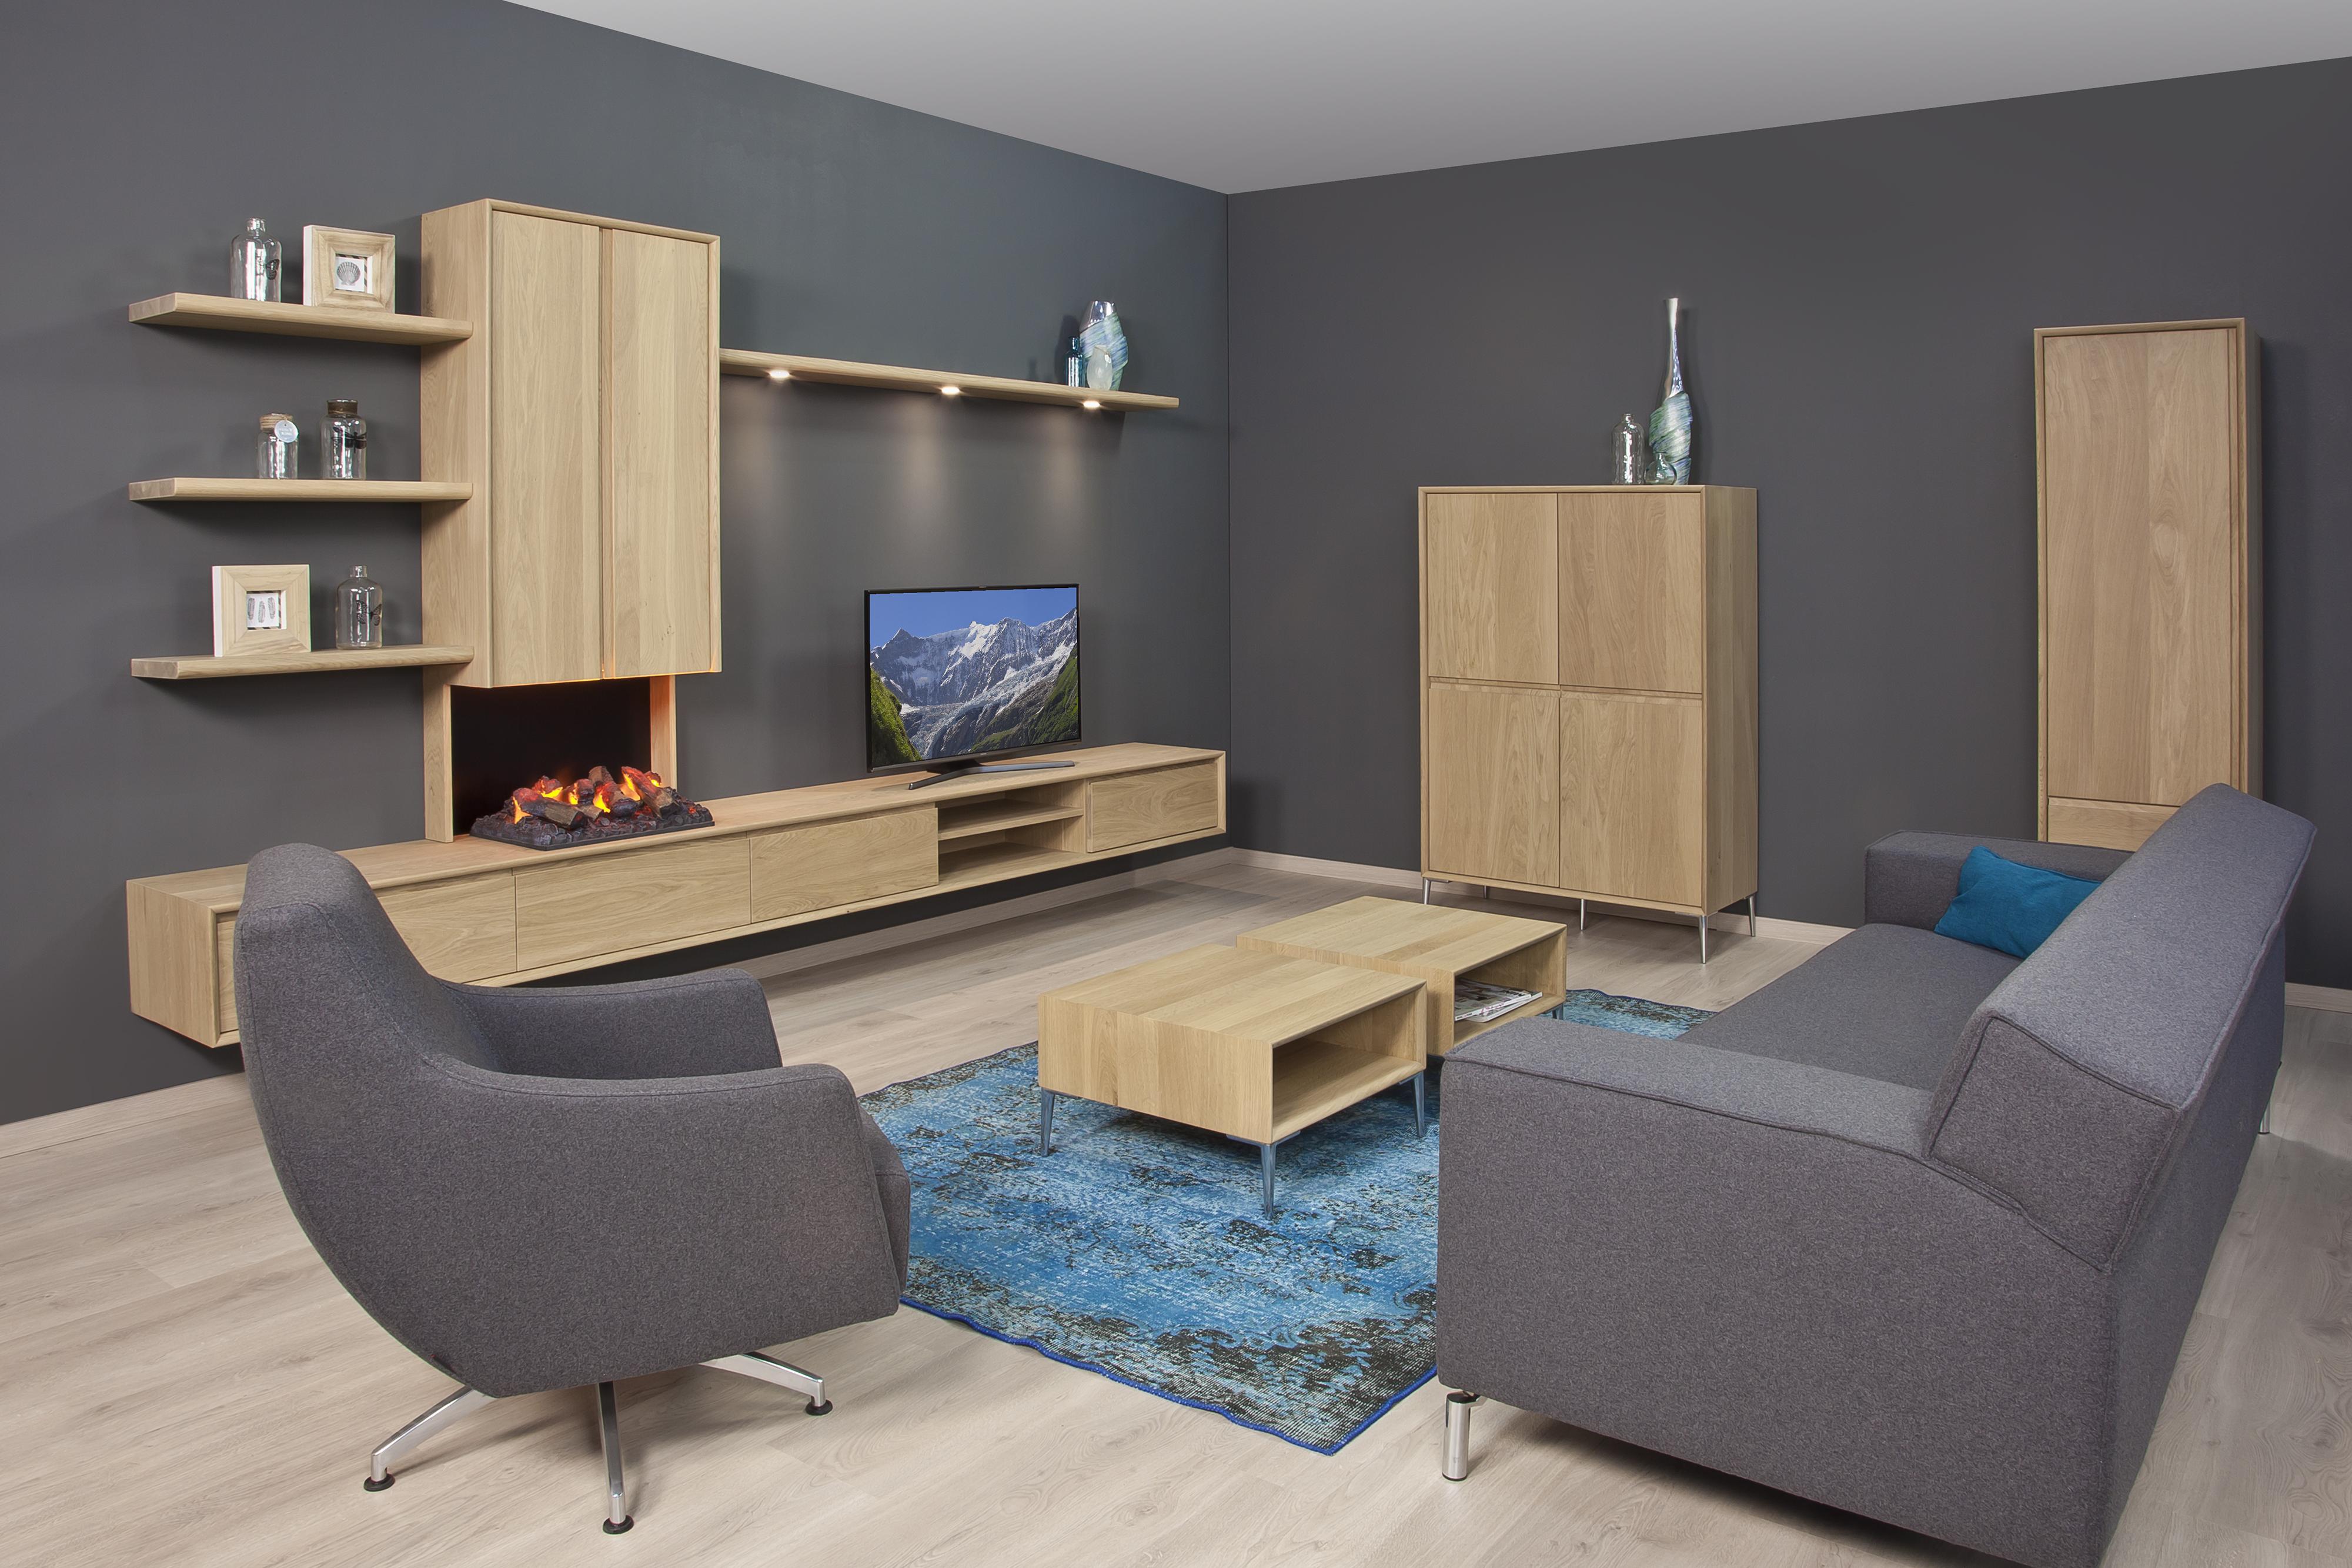 Am pm meubels koop vanaf u ac stylight